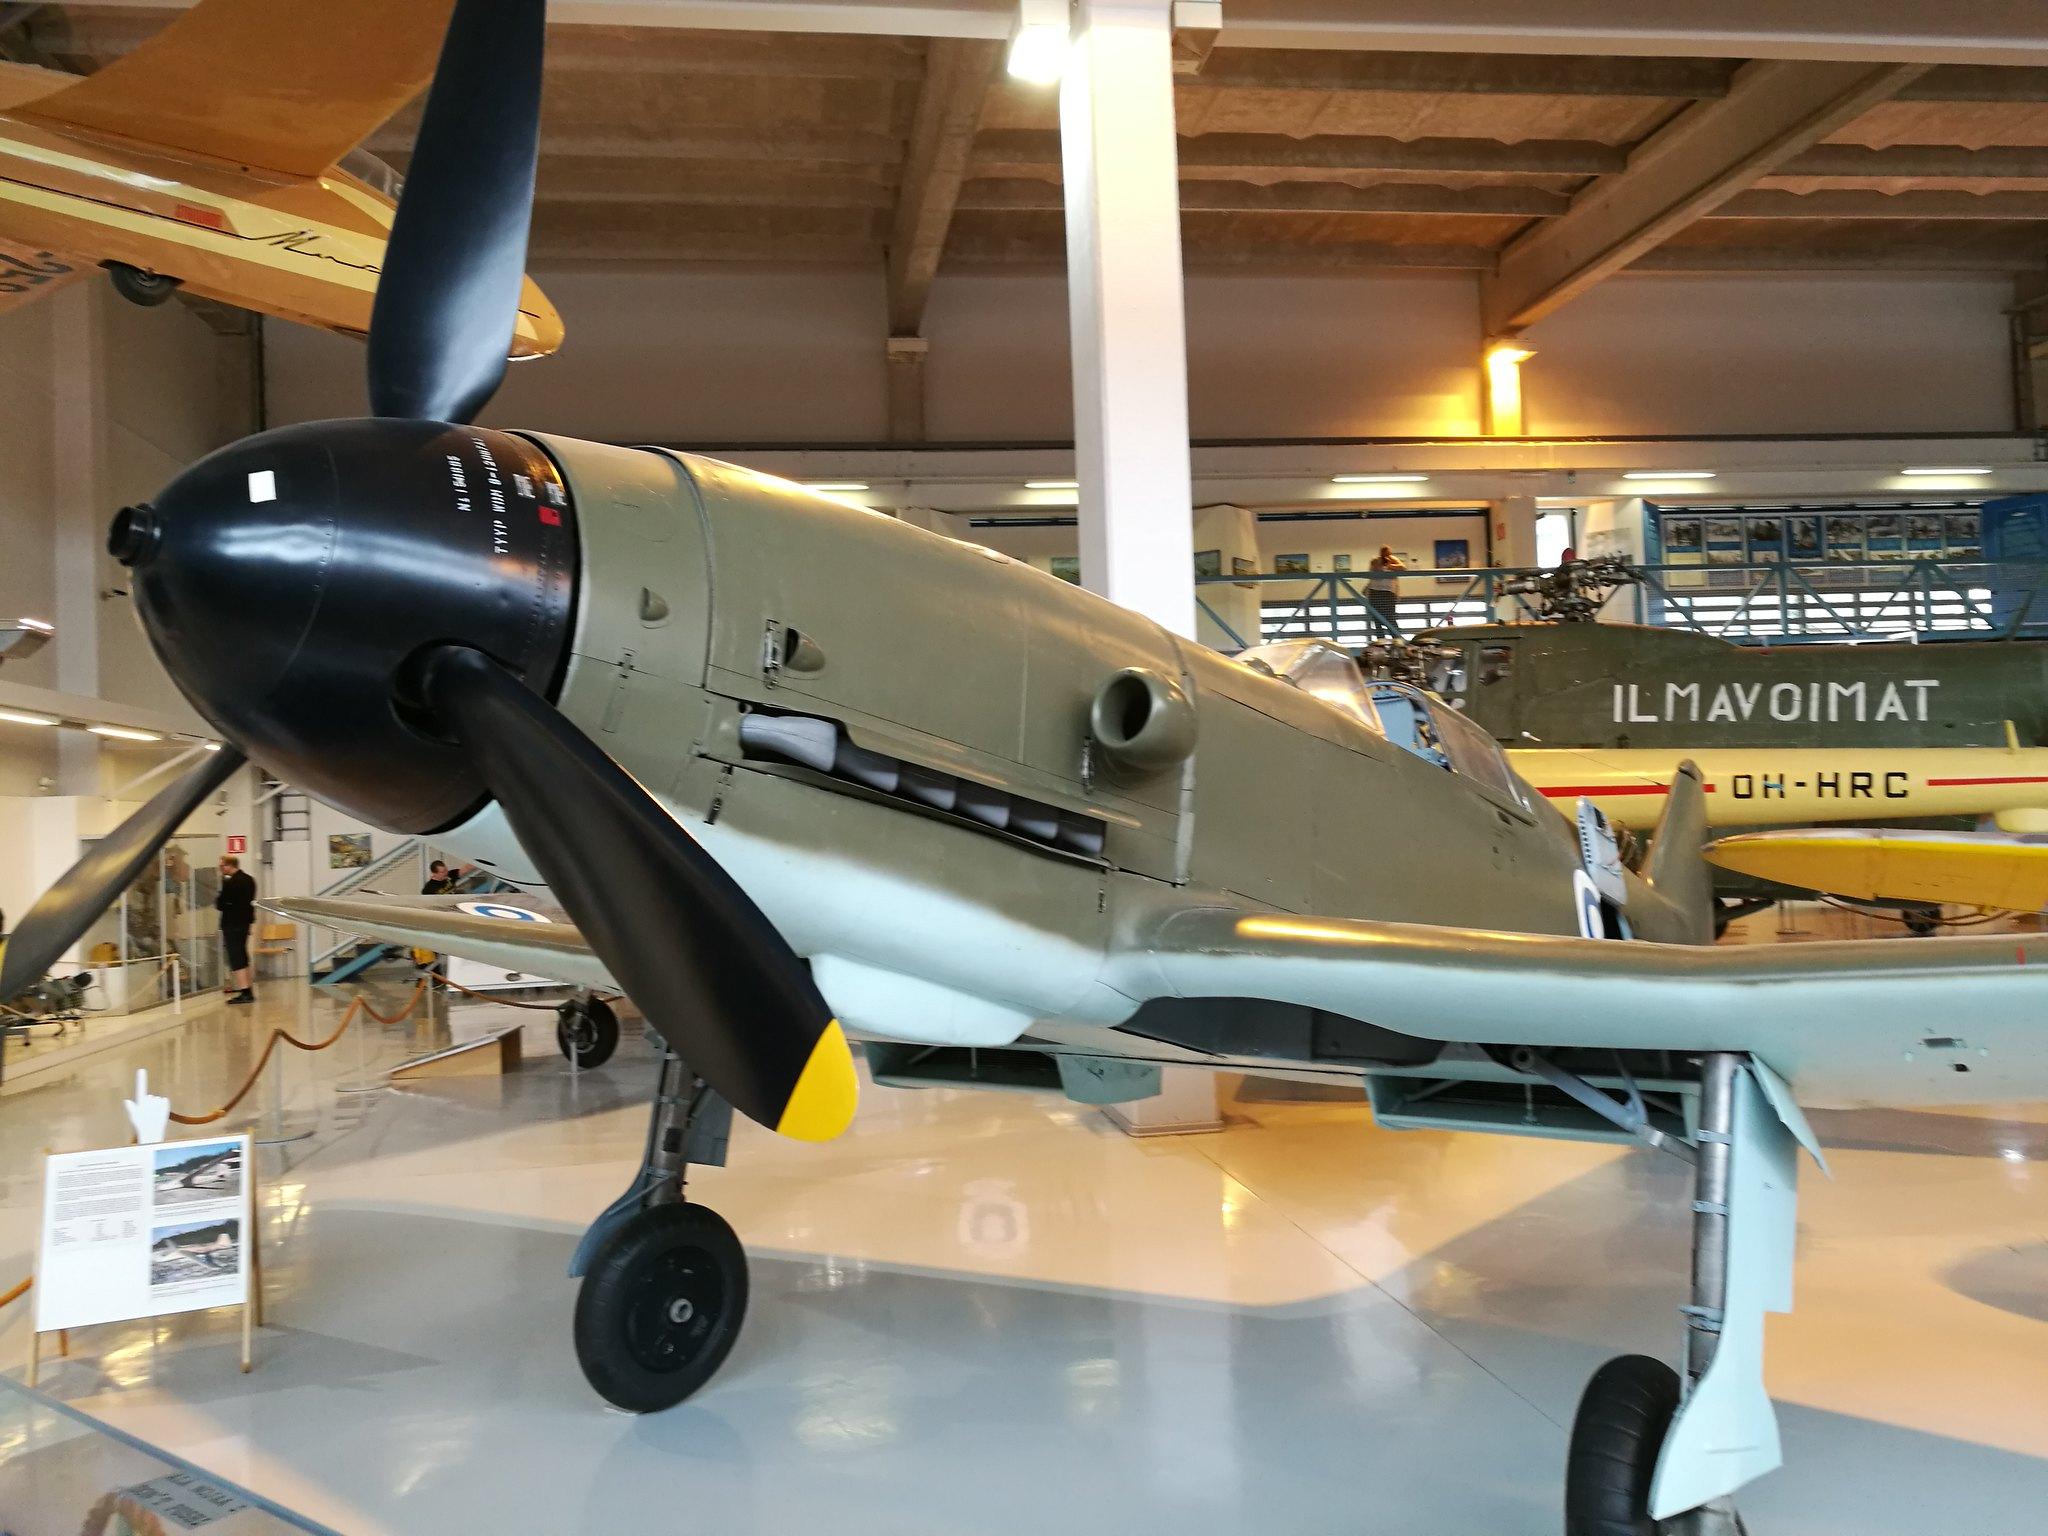 Hemkommen från semester i Finland med utflykt till Finlands Flygvapenmuseum. 48293060847_070fd6797d_k